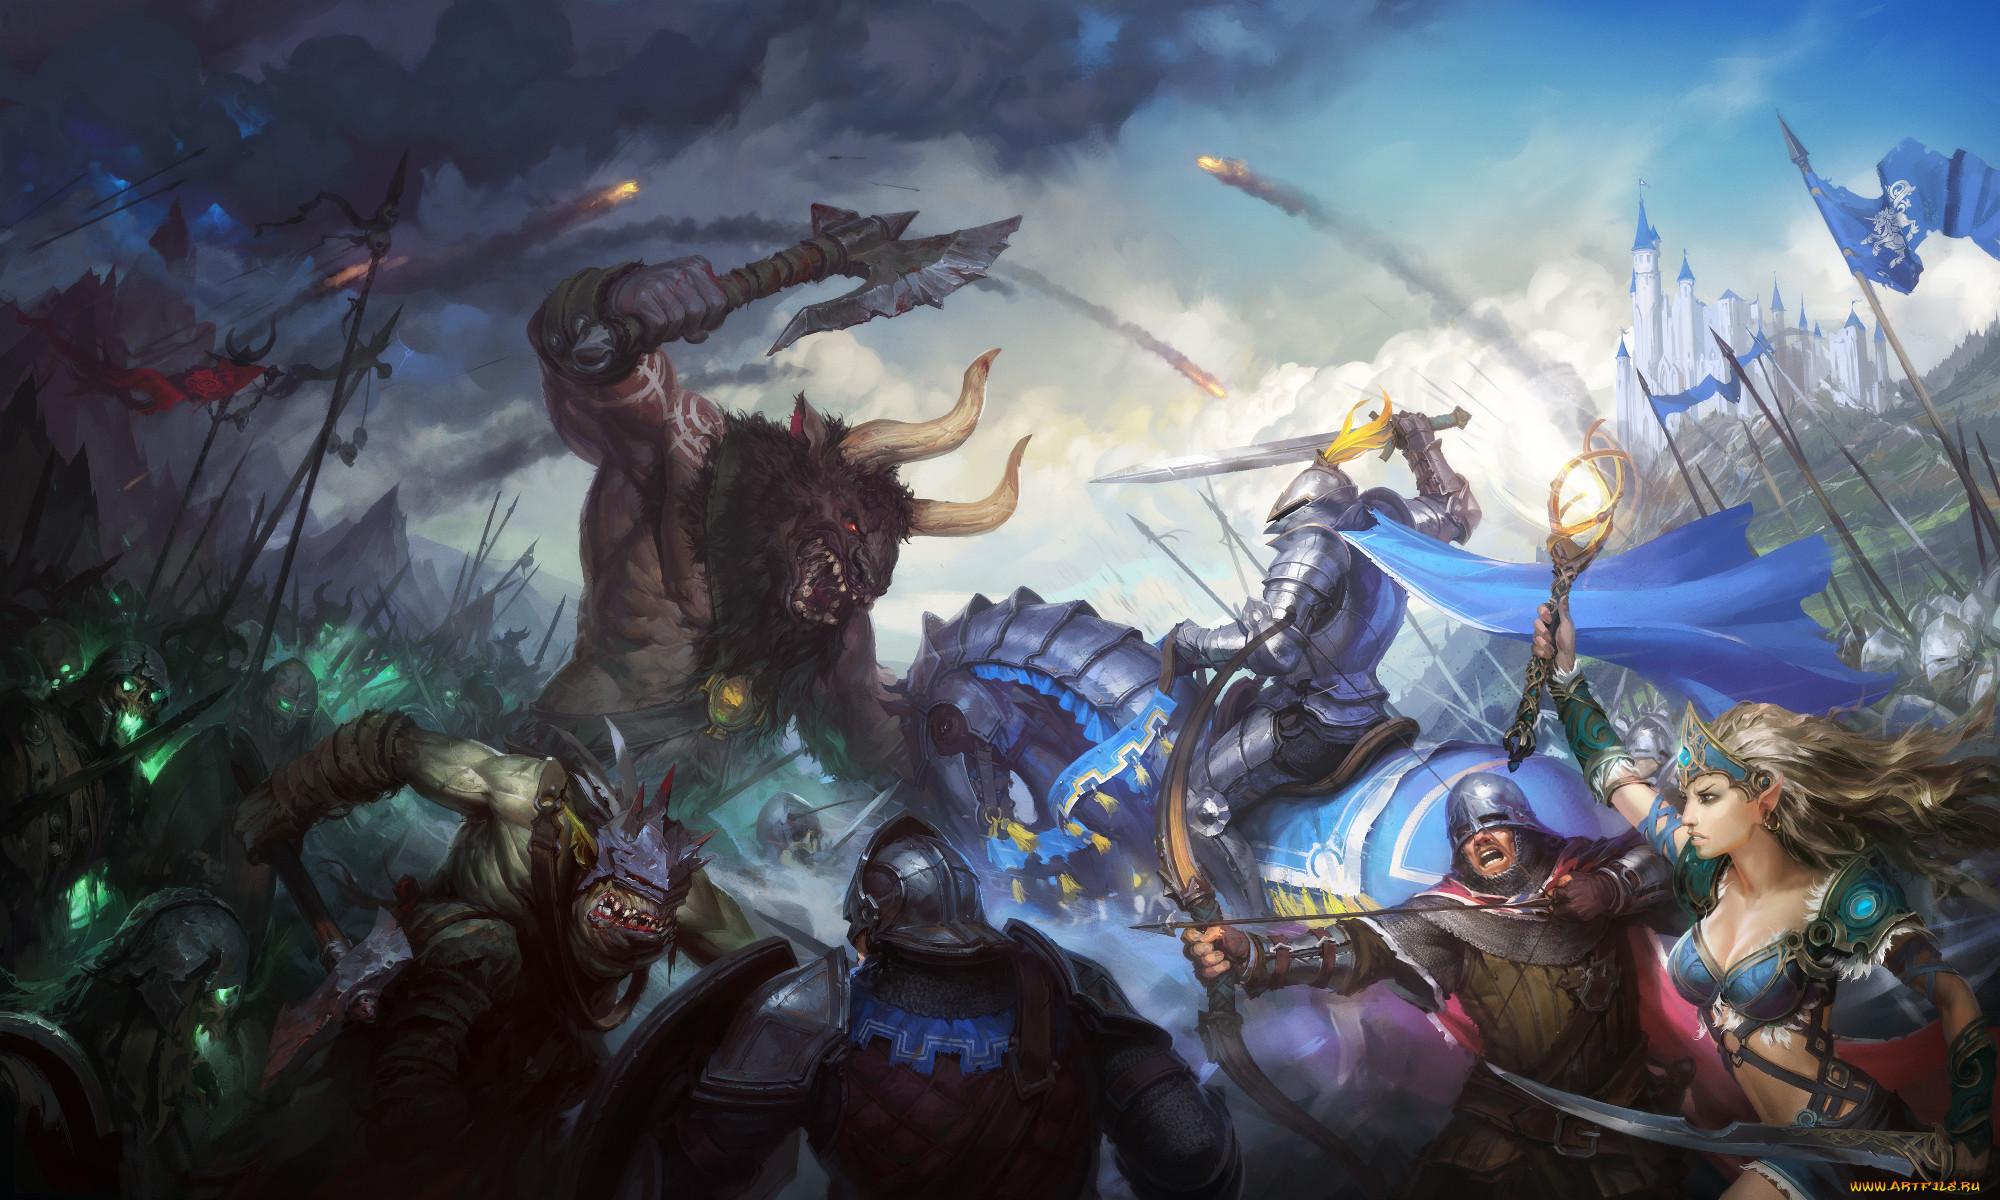 Сражающиеся герои картинка